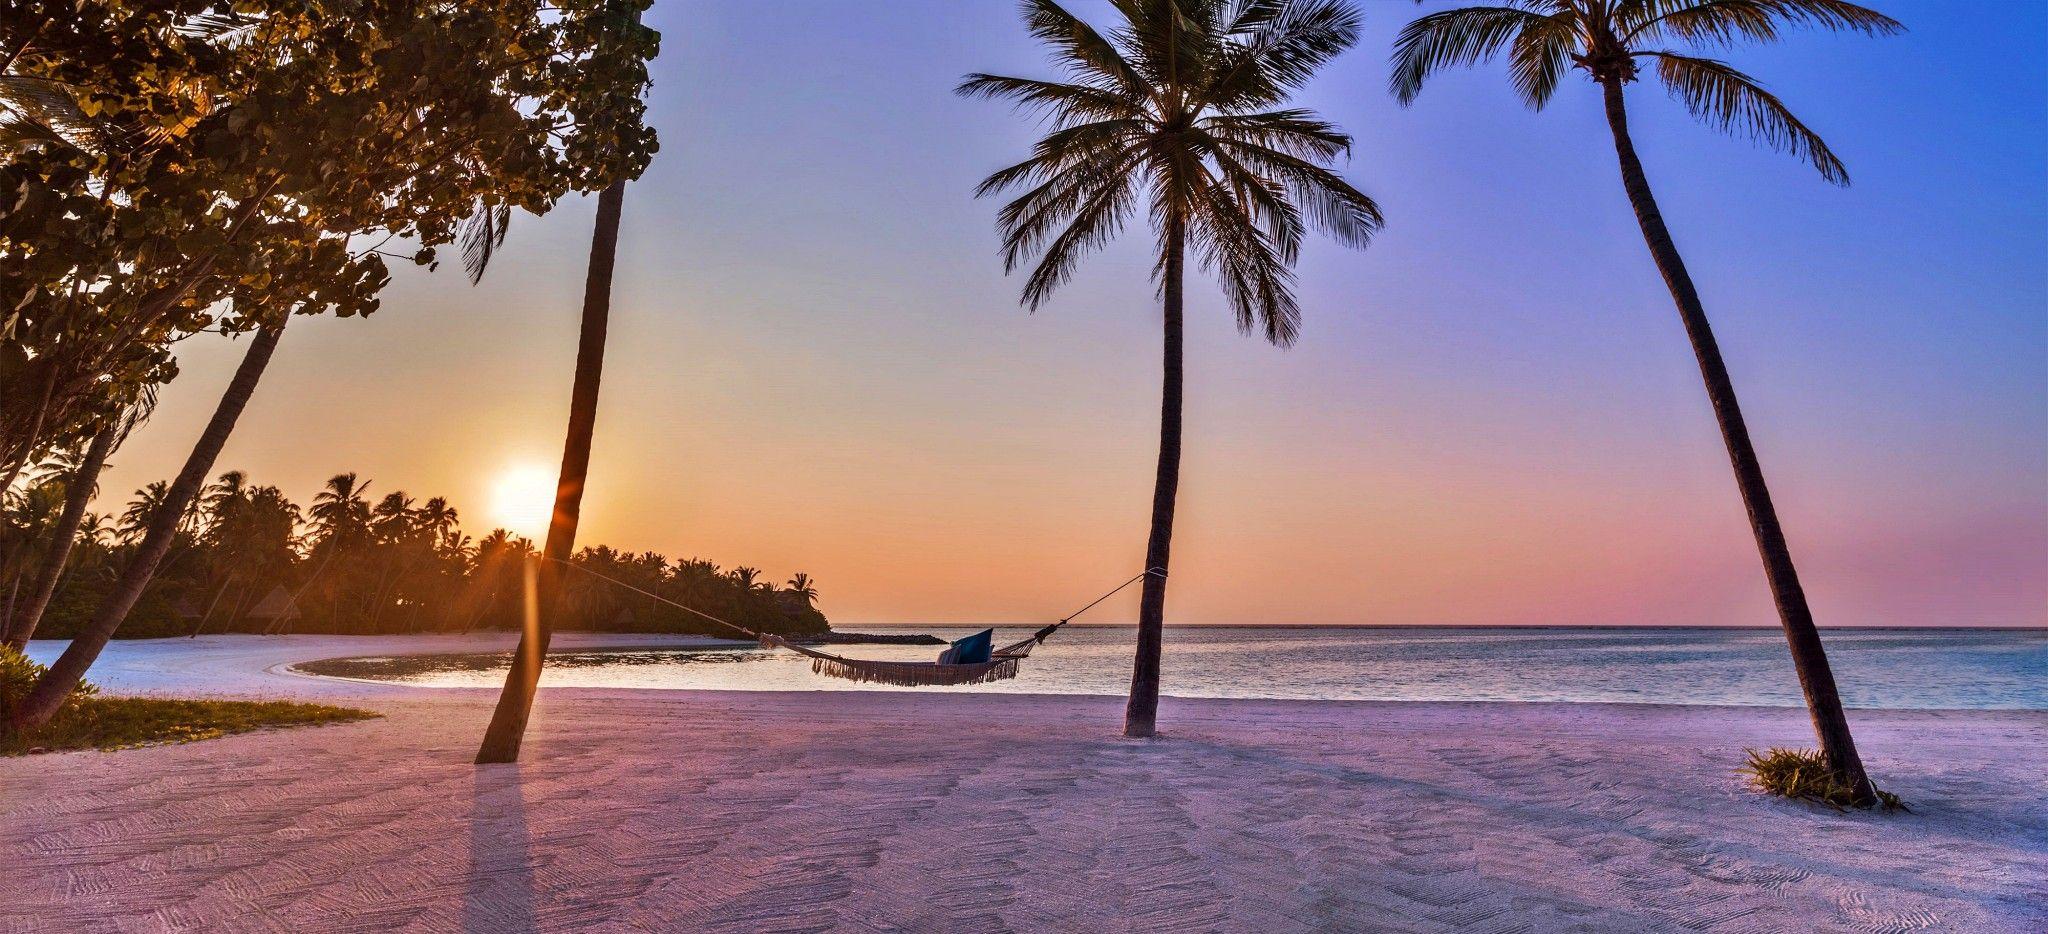 Eine Hängematte zwischen zwei Palmen an einem Strand im Abendlicht